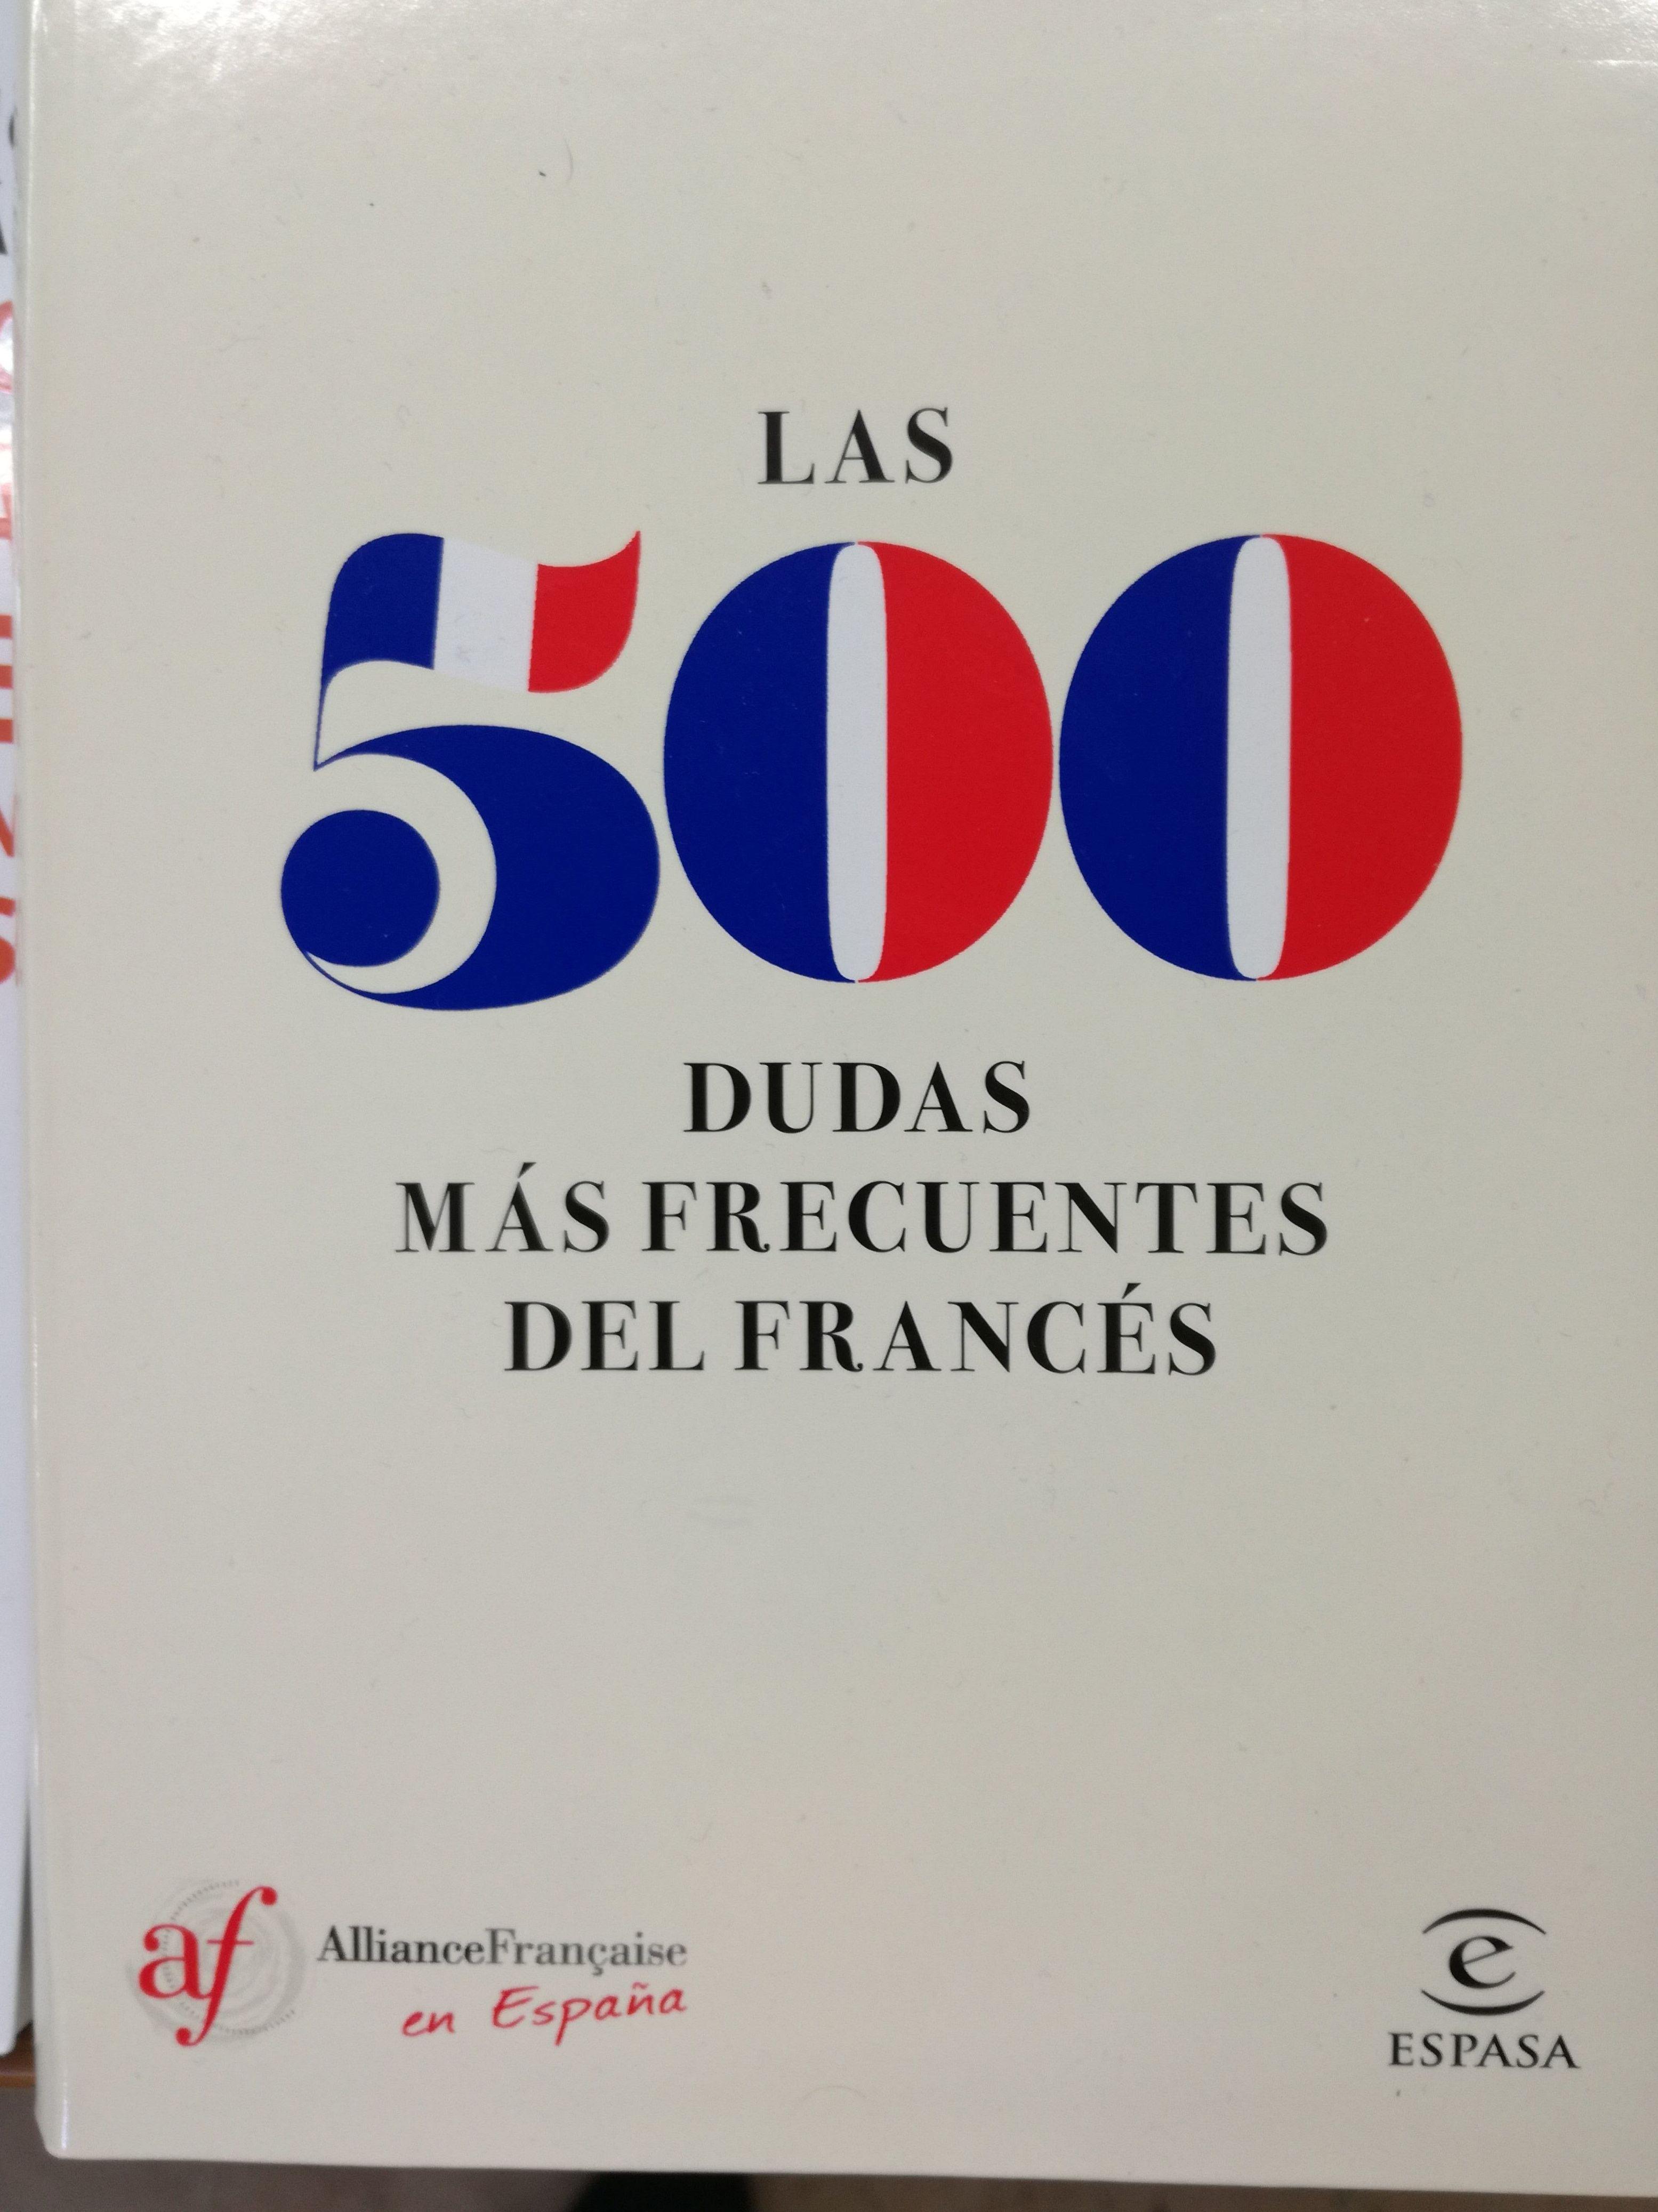 Las 500 dudas más frecuentes del francés: SECCIONES de Librería Nueva Plaza Universitaria